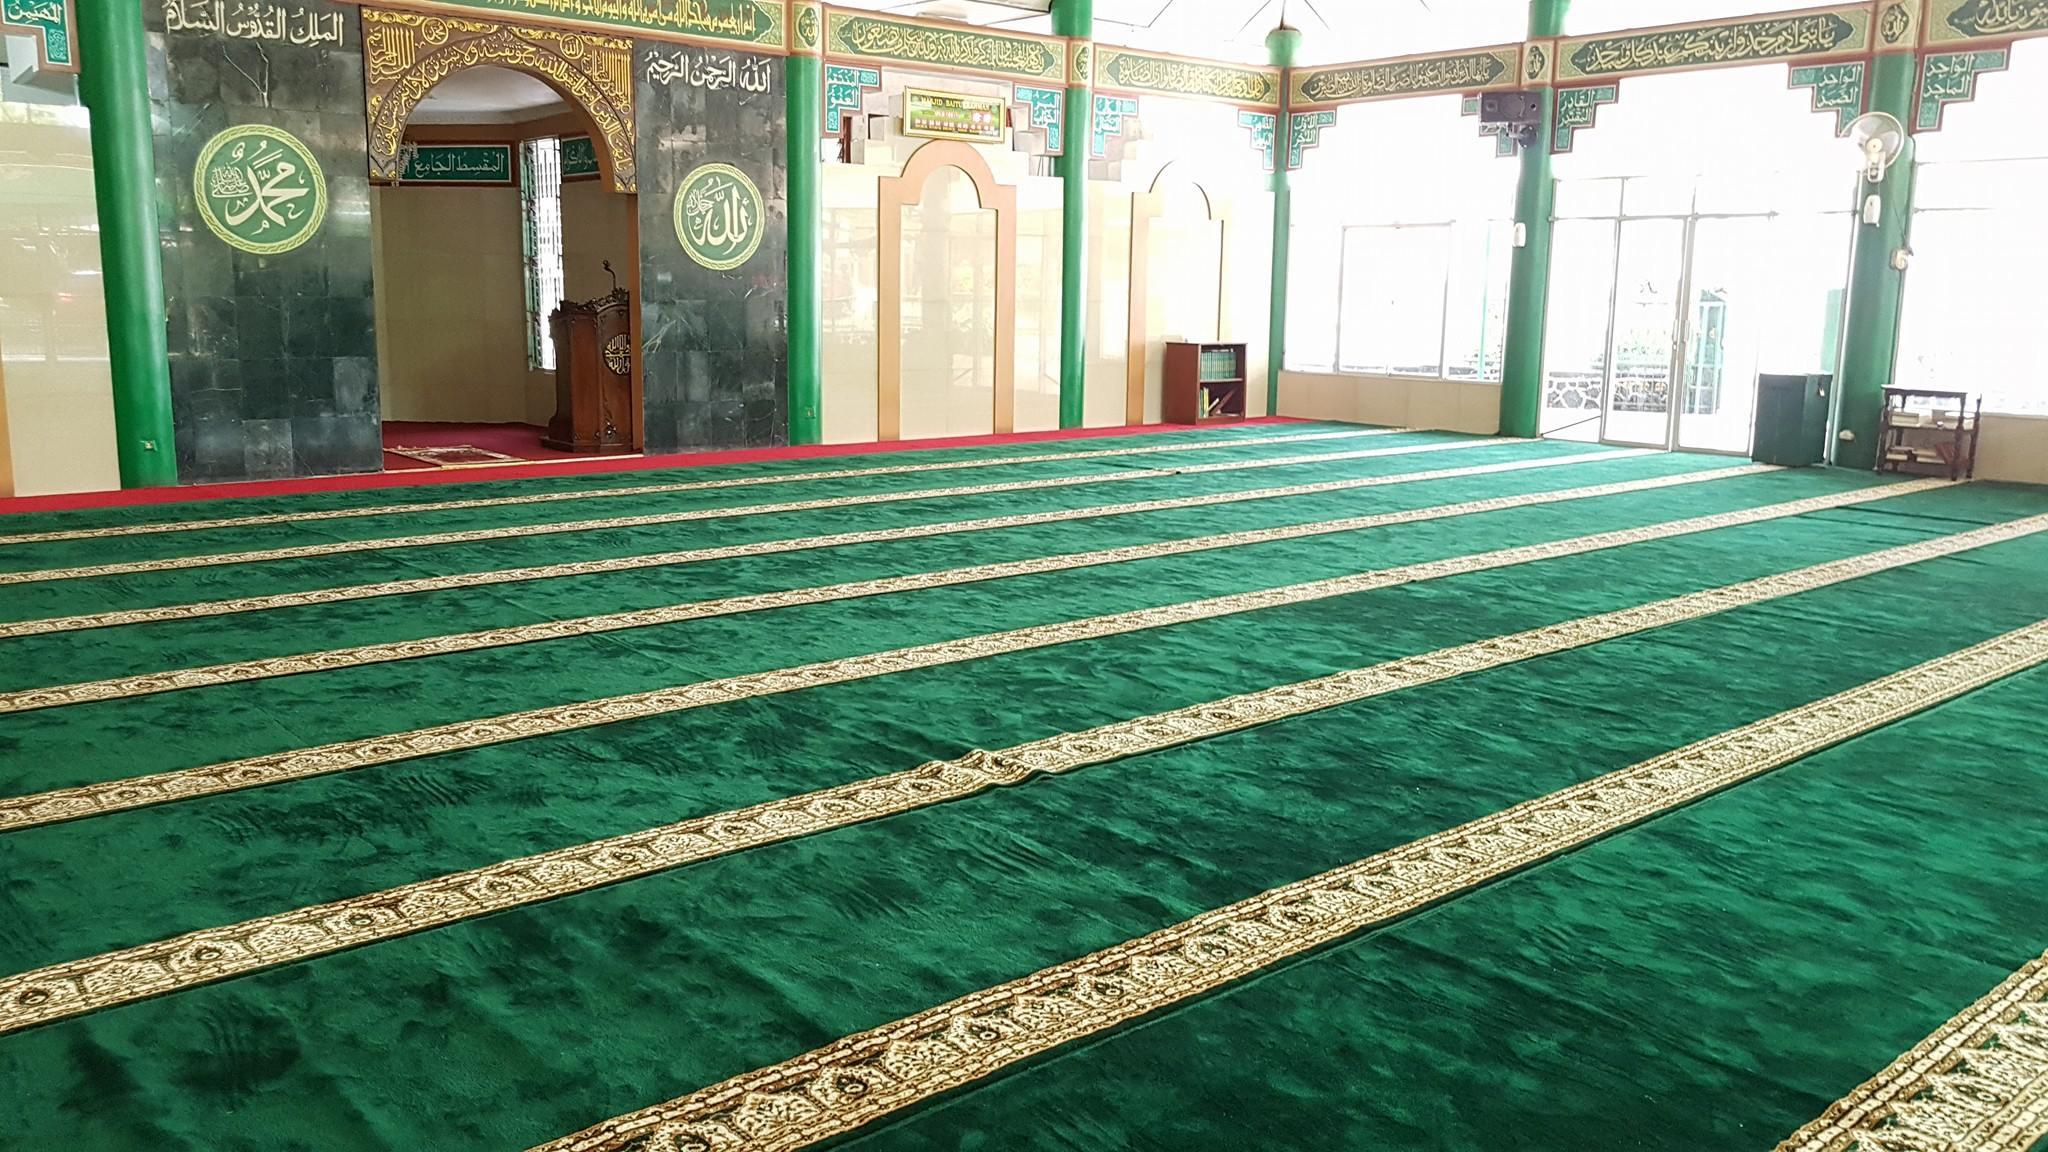 Informasi Dimana Tempat Jual Karpet Masjid Turki Roll Meteran Dengan Harga Murah